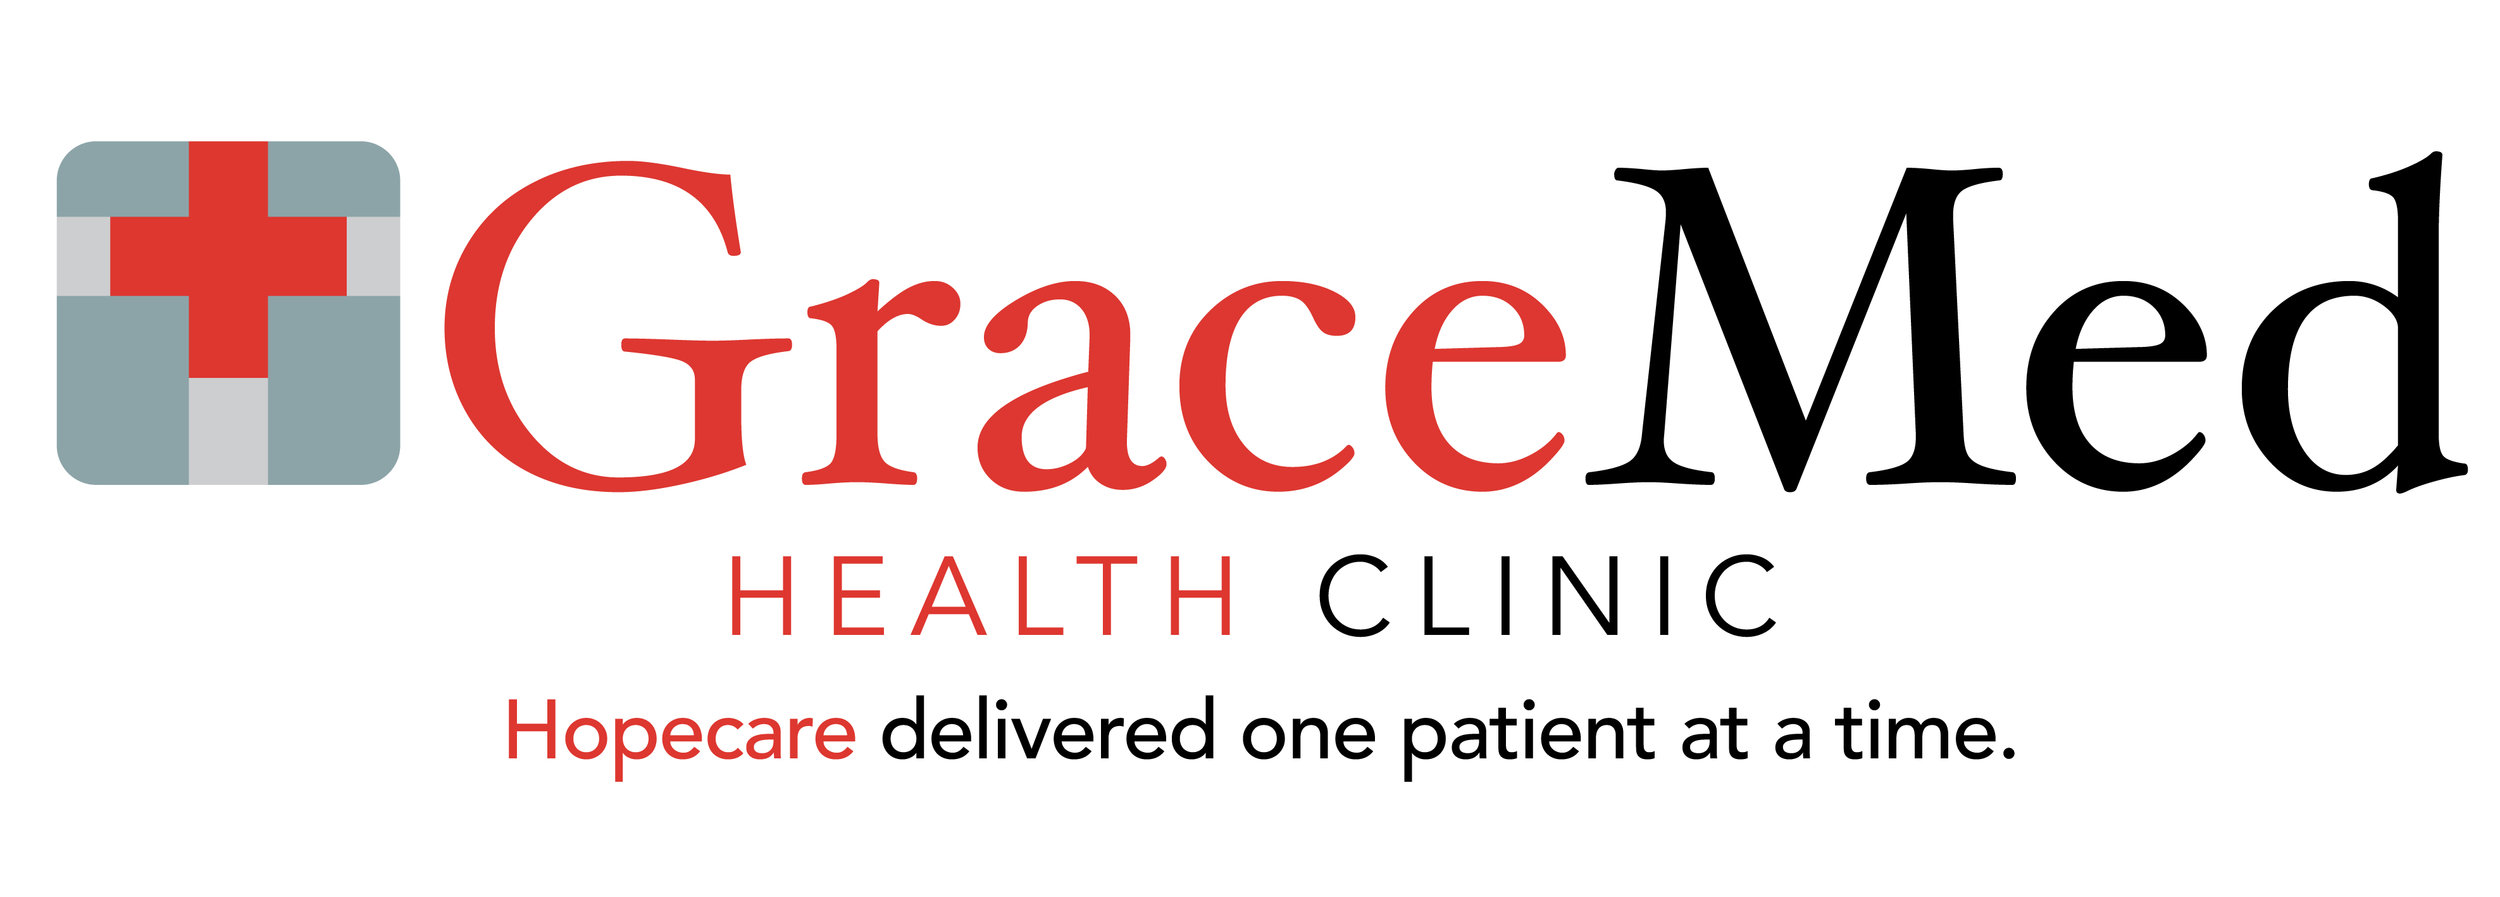 GraceMed Health Clinic - 244460641.jpg